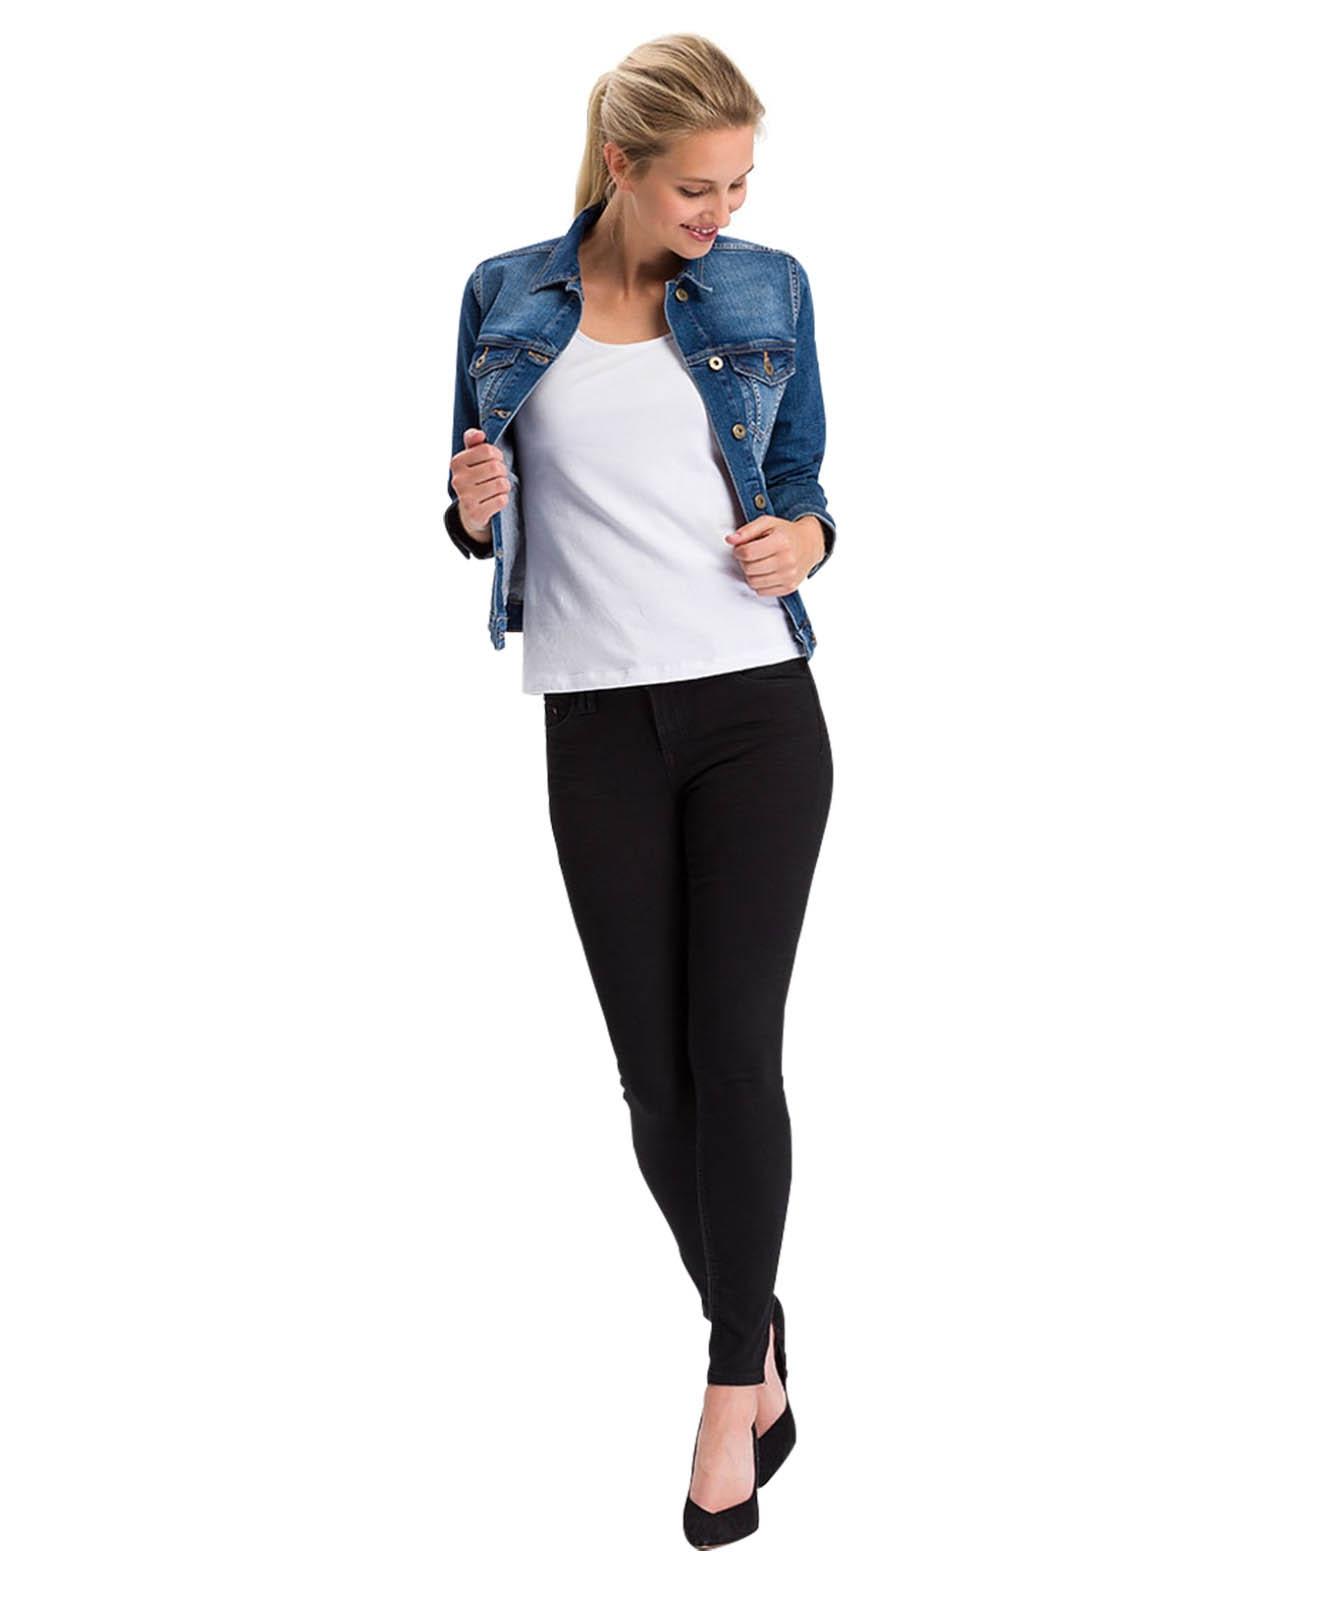 Hosen - Cross 7 8 Jeans Giselle in Black  - Onlineshop Jeans Meile